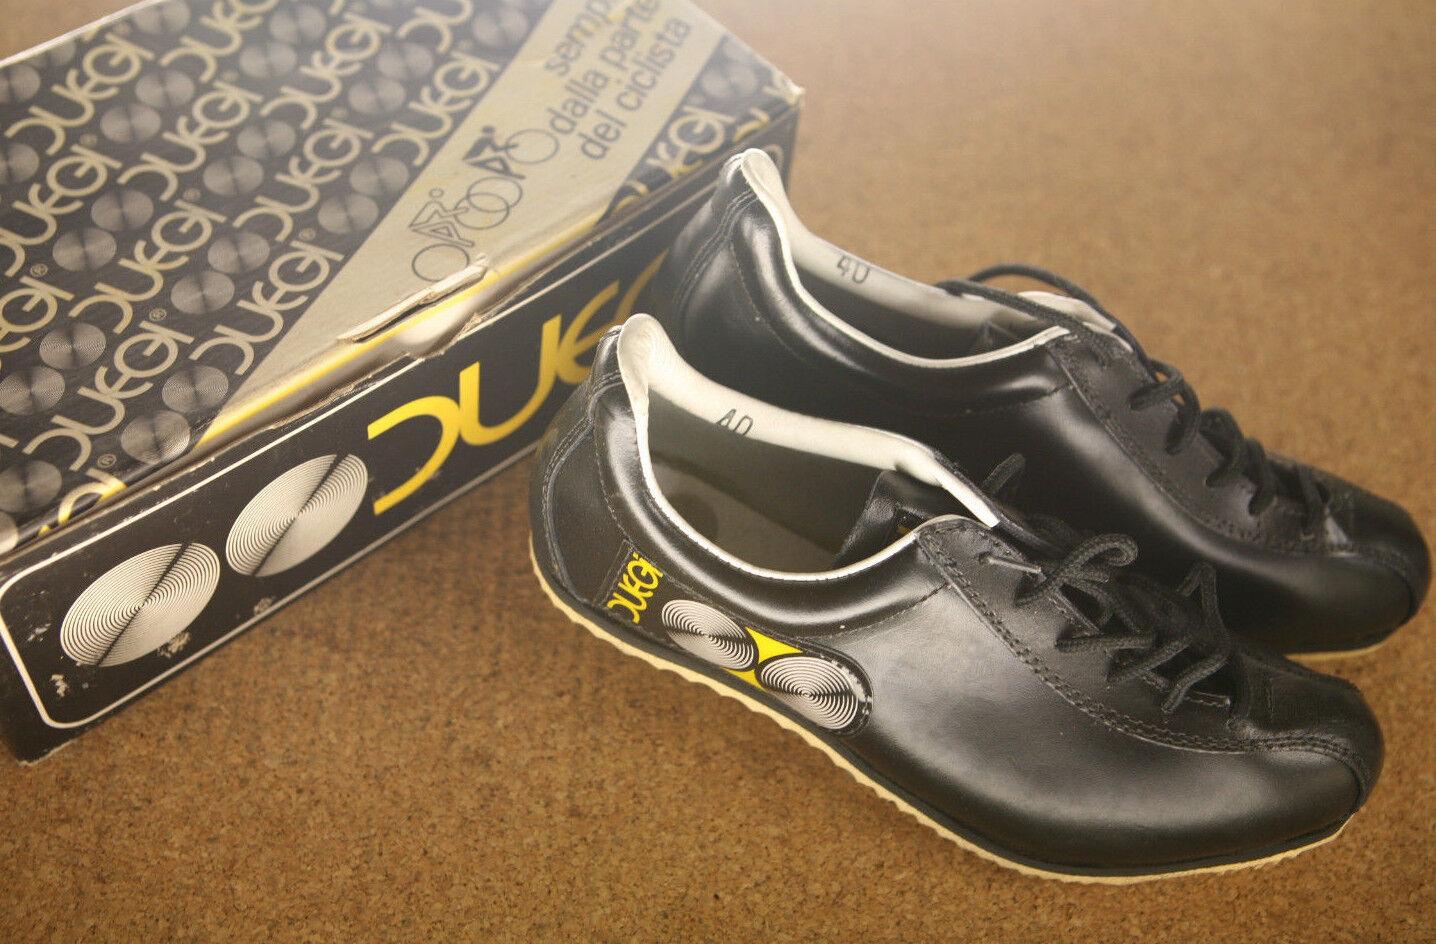 Vintage NOS NEW NIB Italian Duegi Cyclo Cross cycling shoes